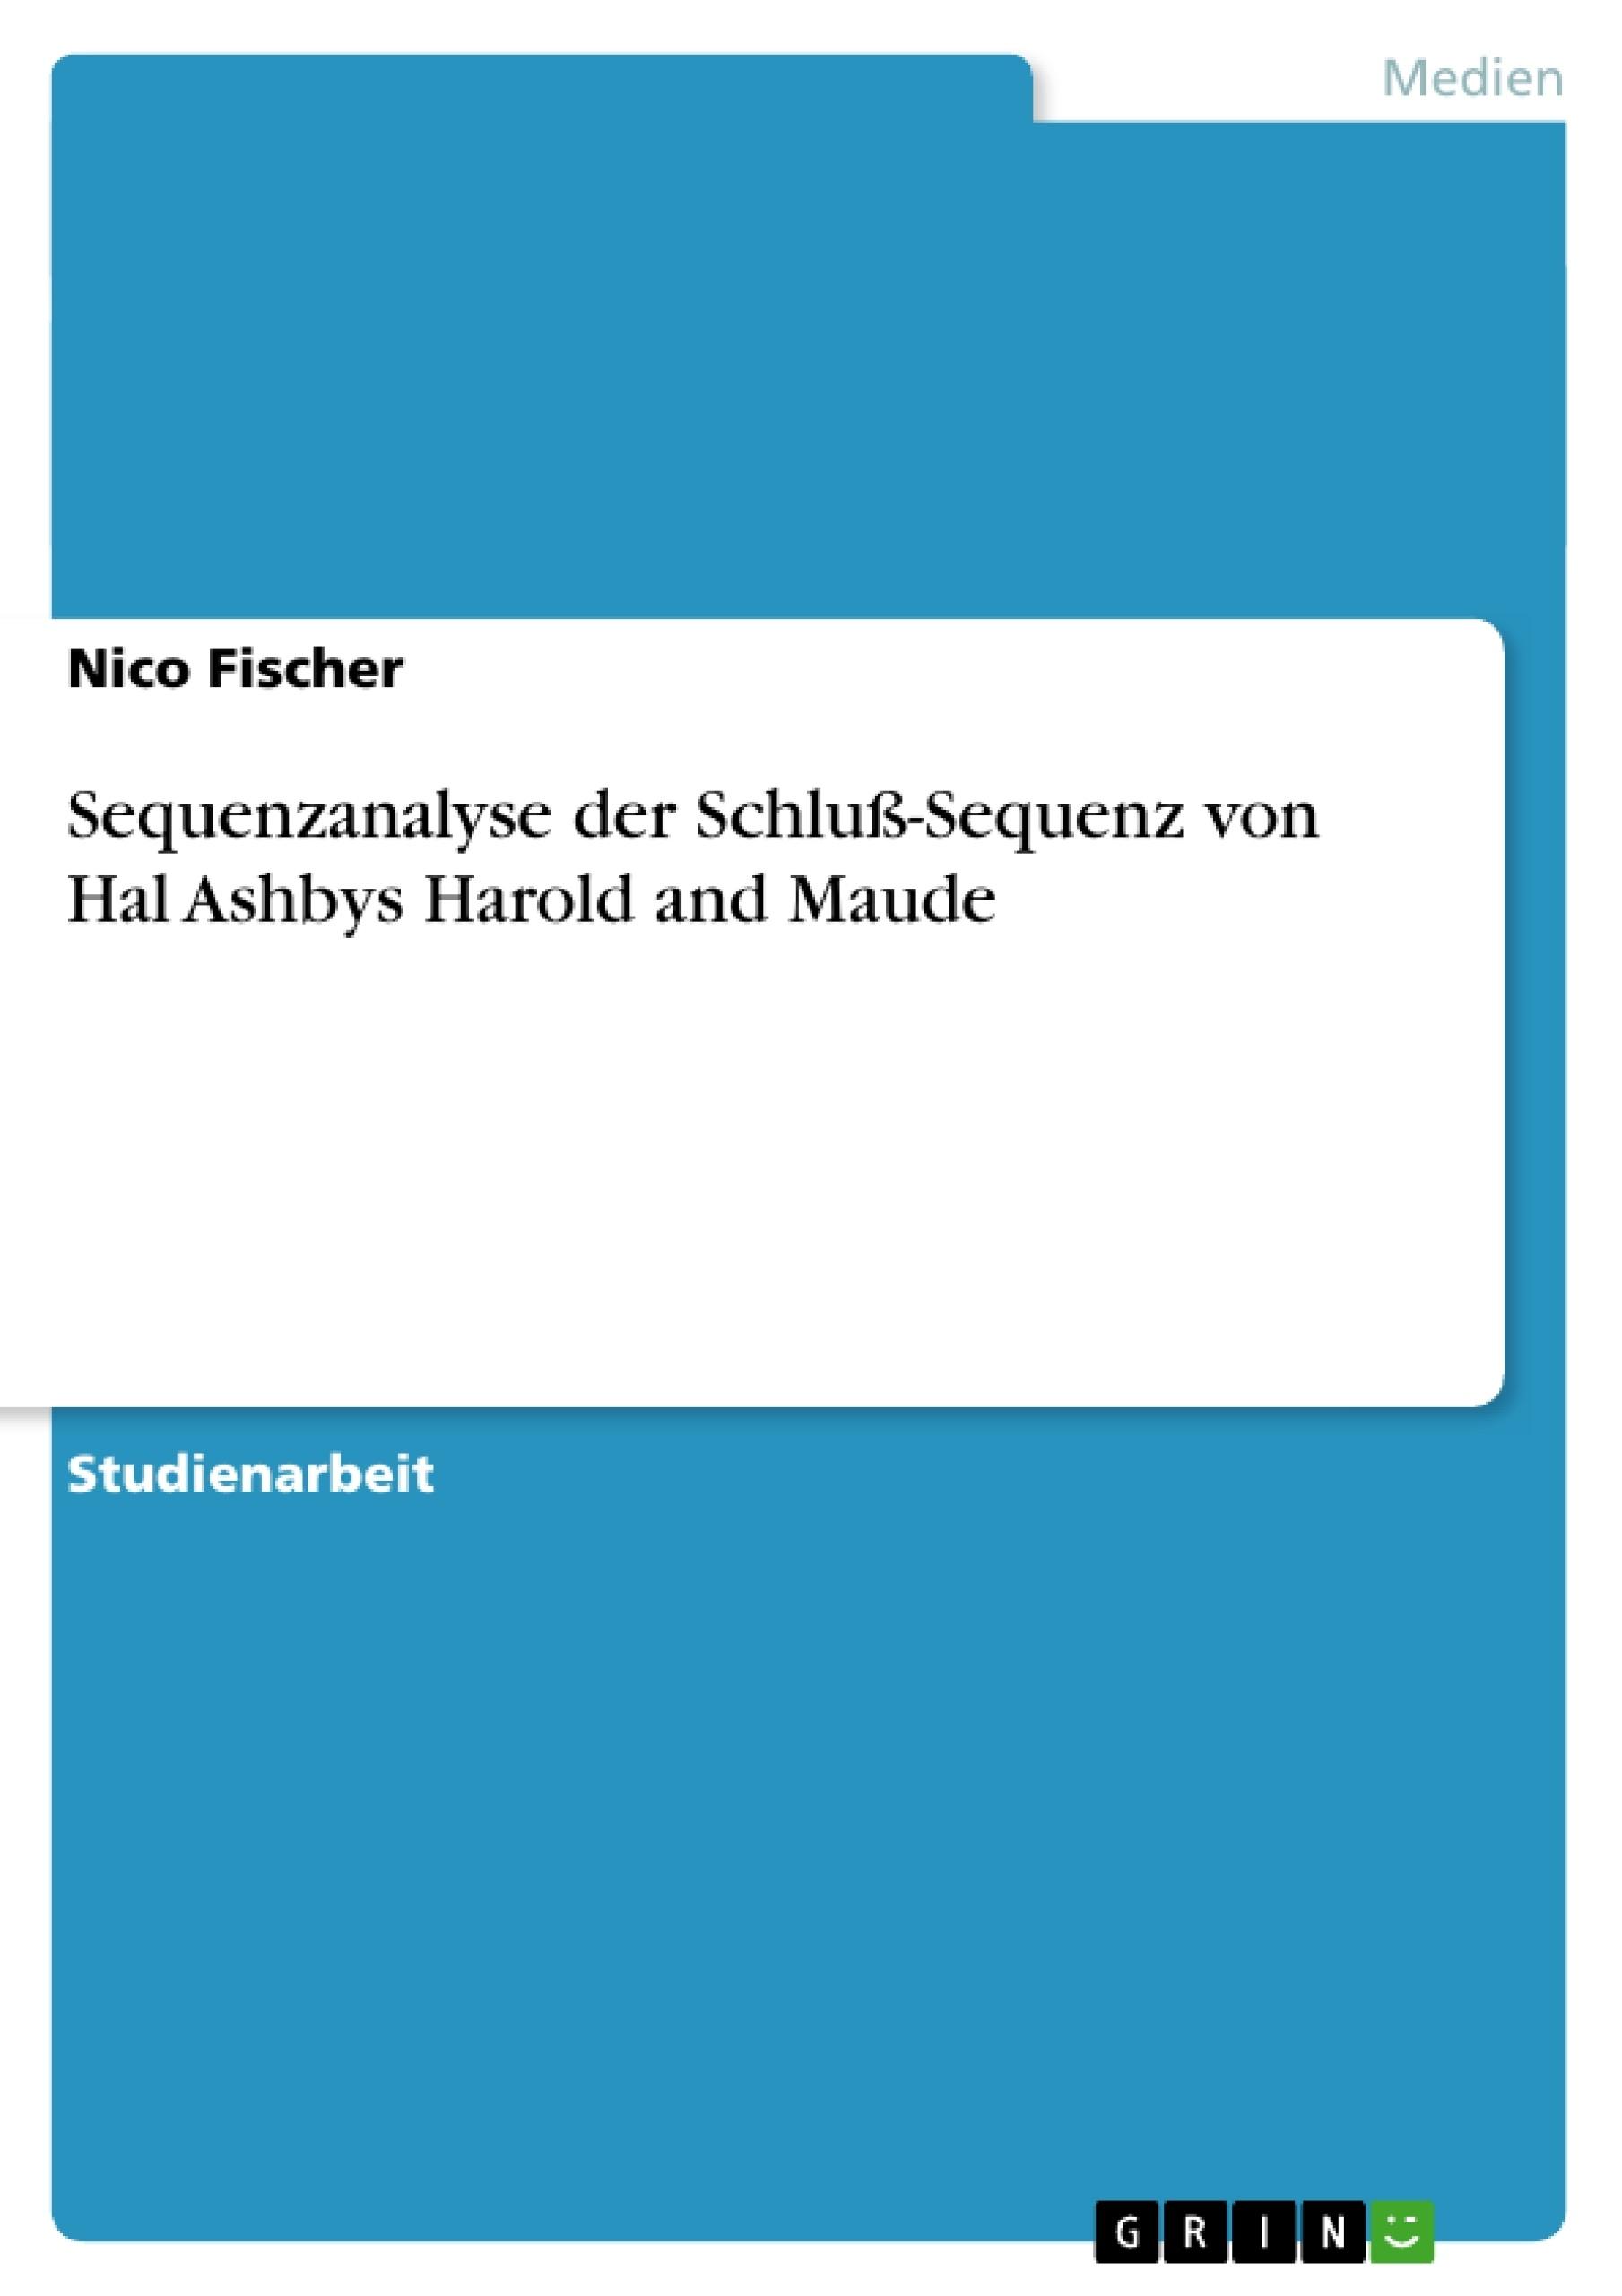 Titel: Sequenzanalyse der Schluß-Sequenz von Hal Ashbys  Harold and Maude